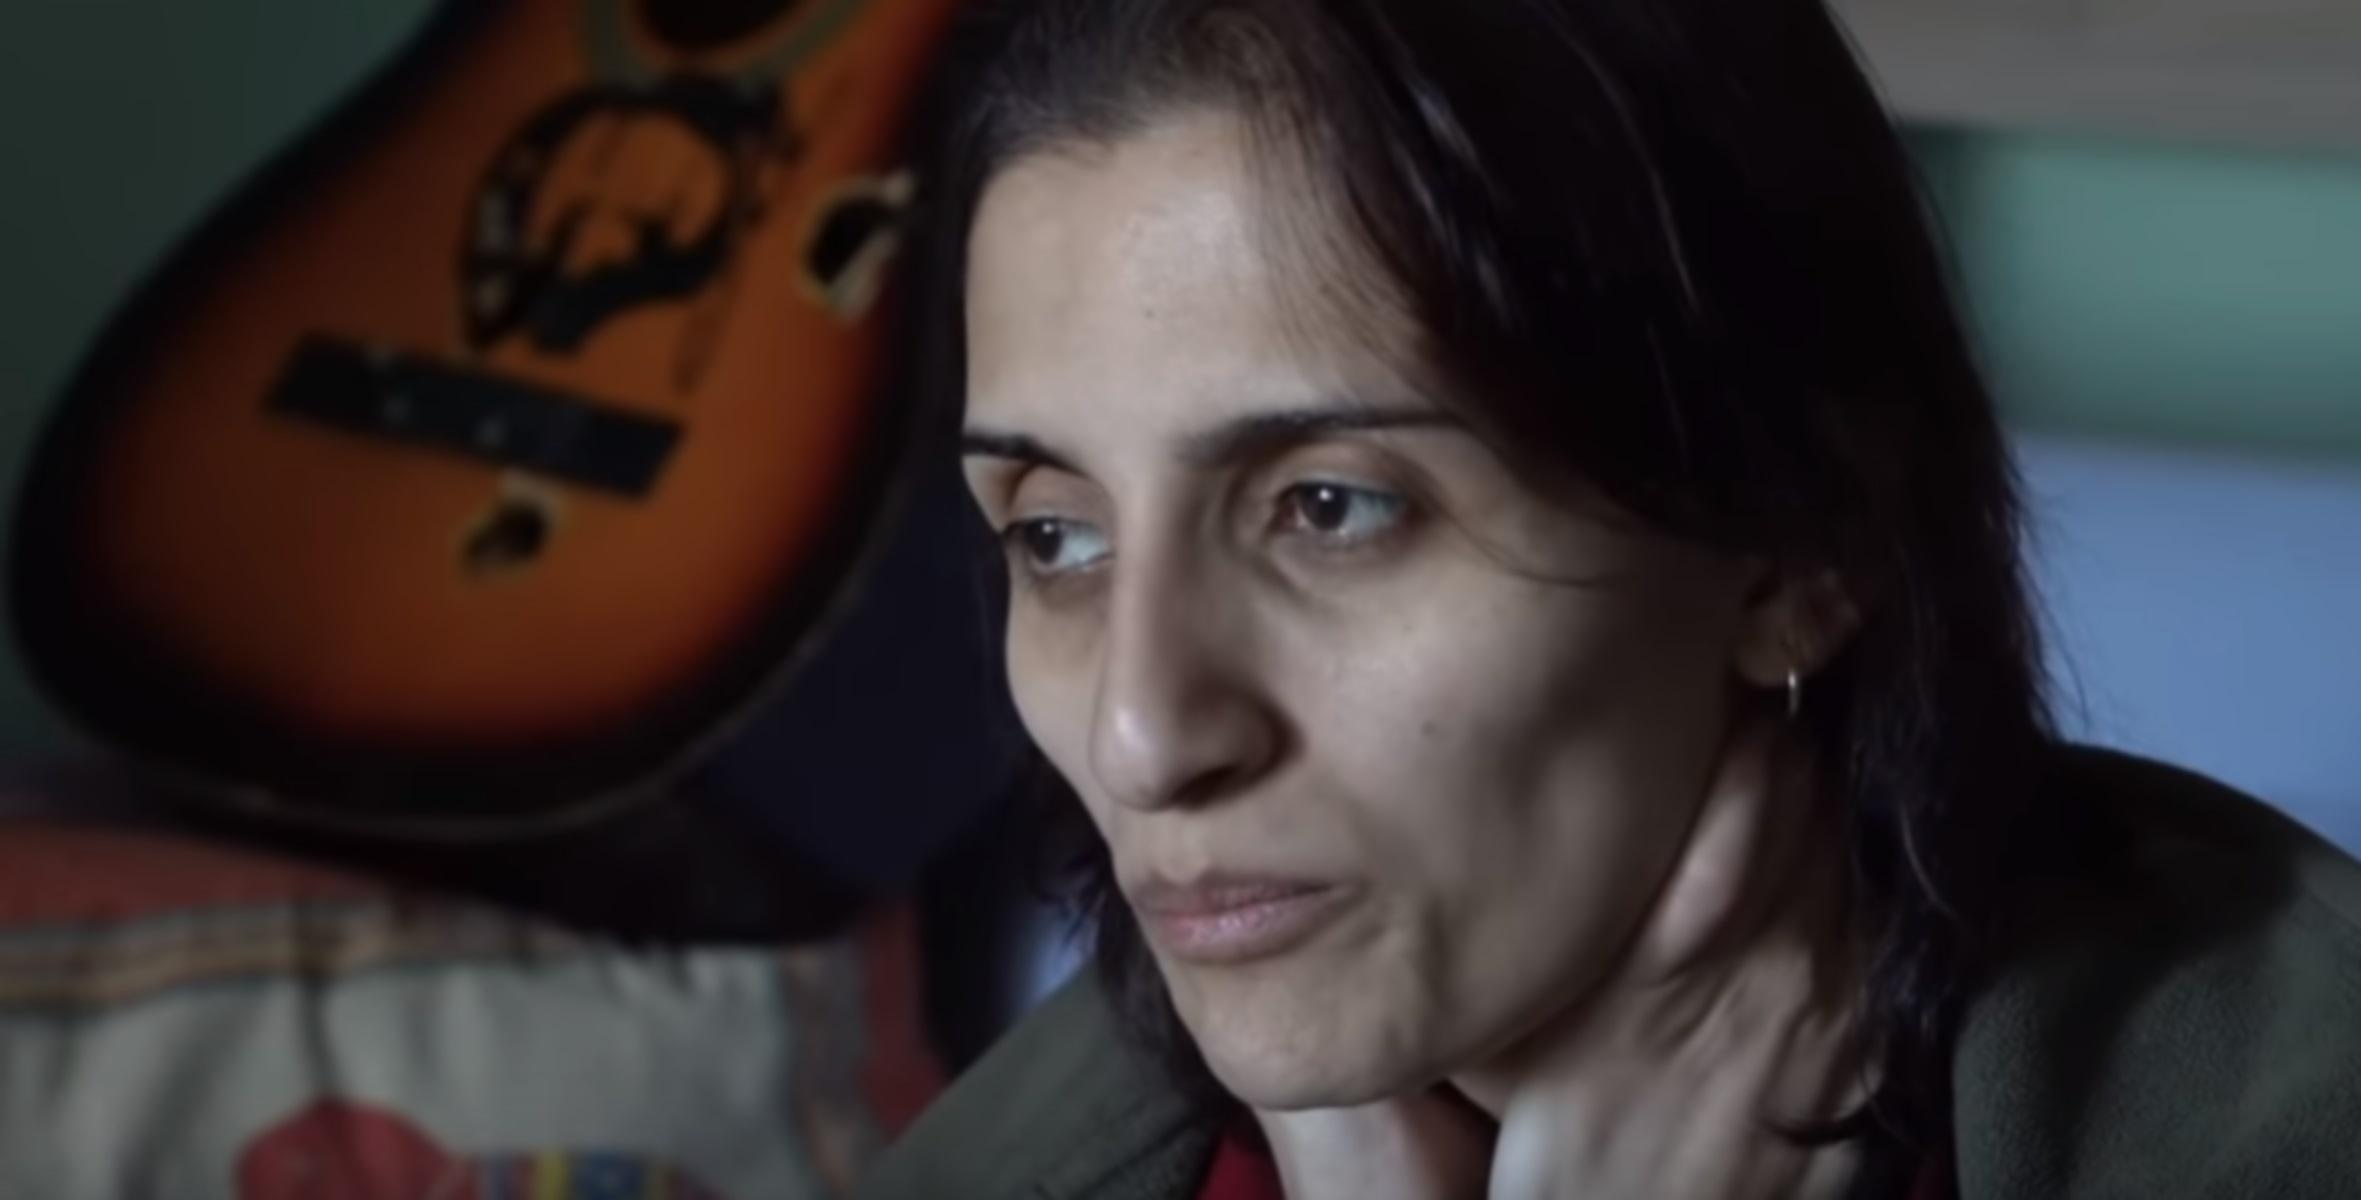 Πέθανε η τραγουδίστρια Χελίν Μπολέκ ύστερα από 288 ημέρες απεργίας πείνας (βίντεο)